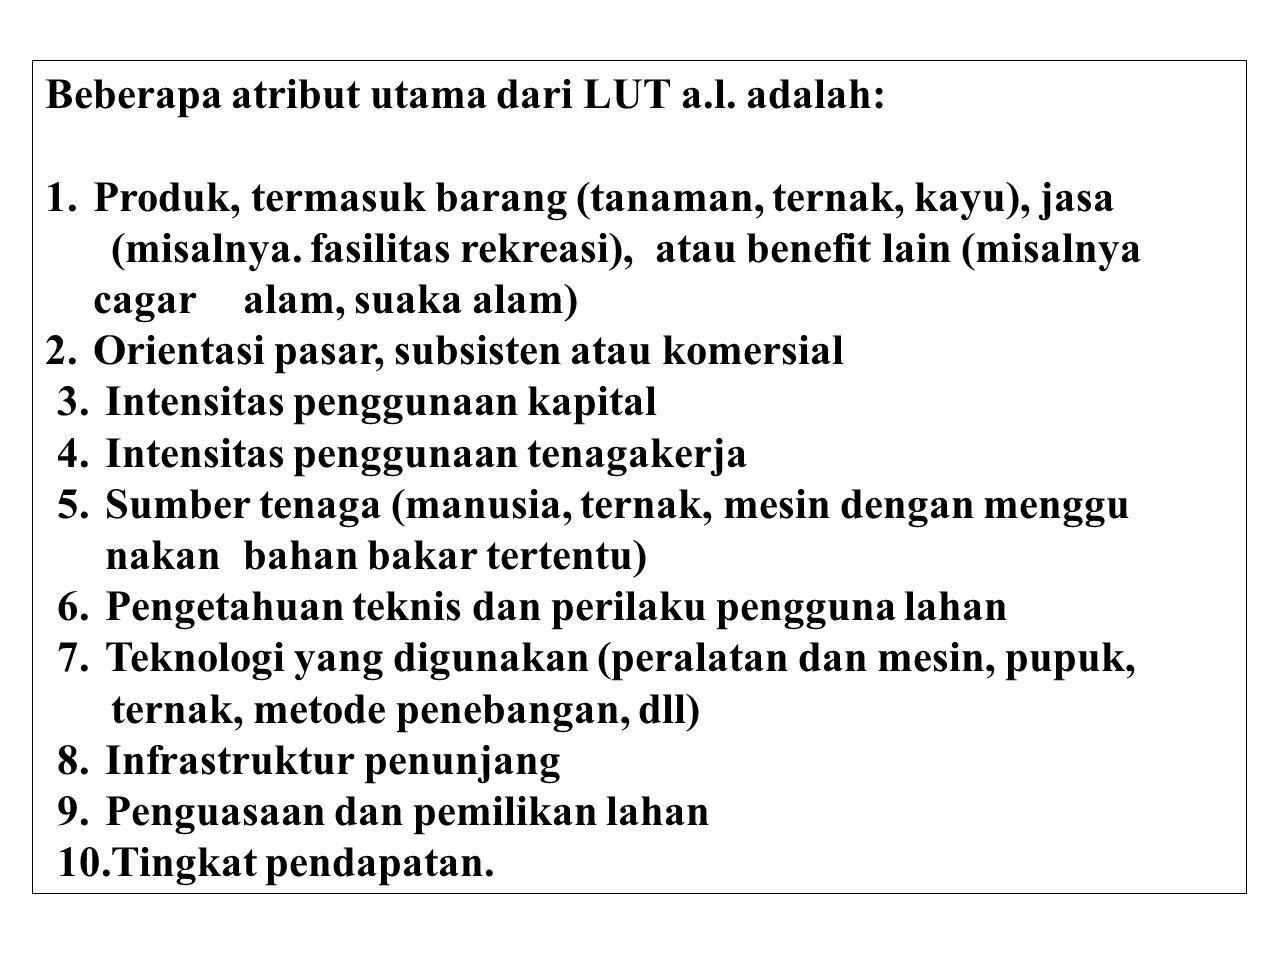 Beberapa atribut utama dari LUT a.l. adalah: